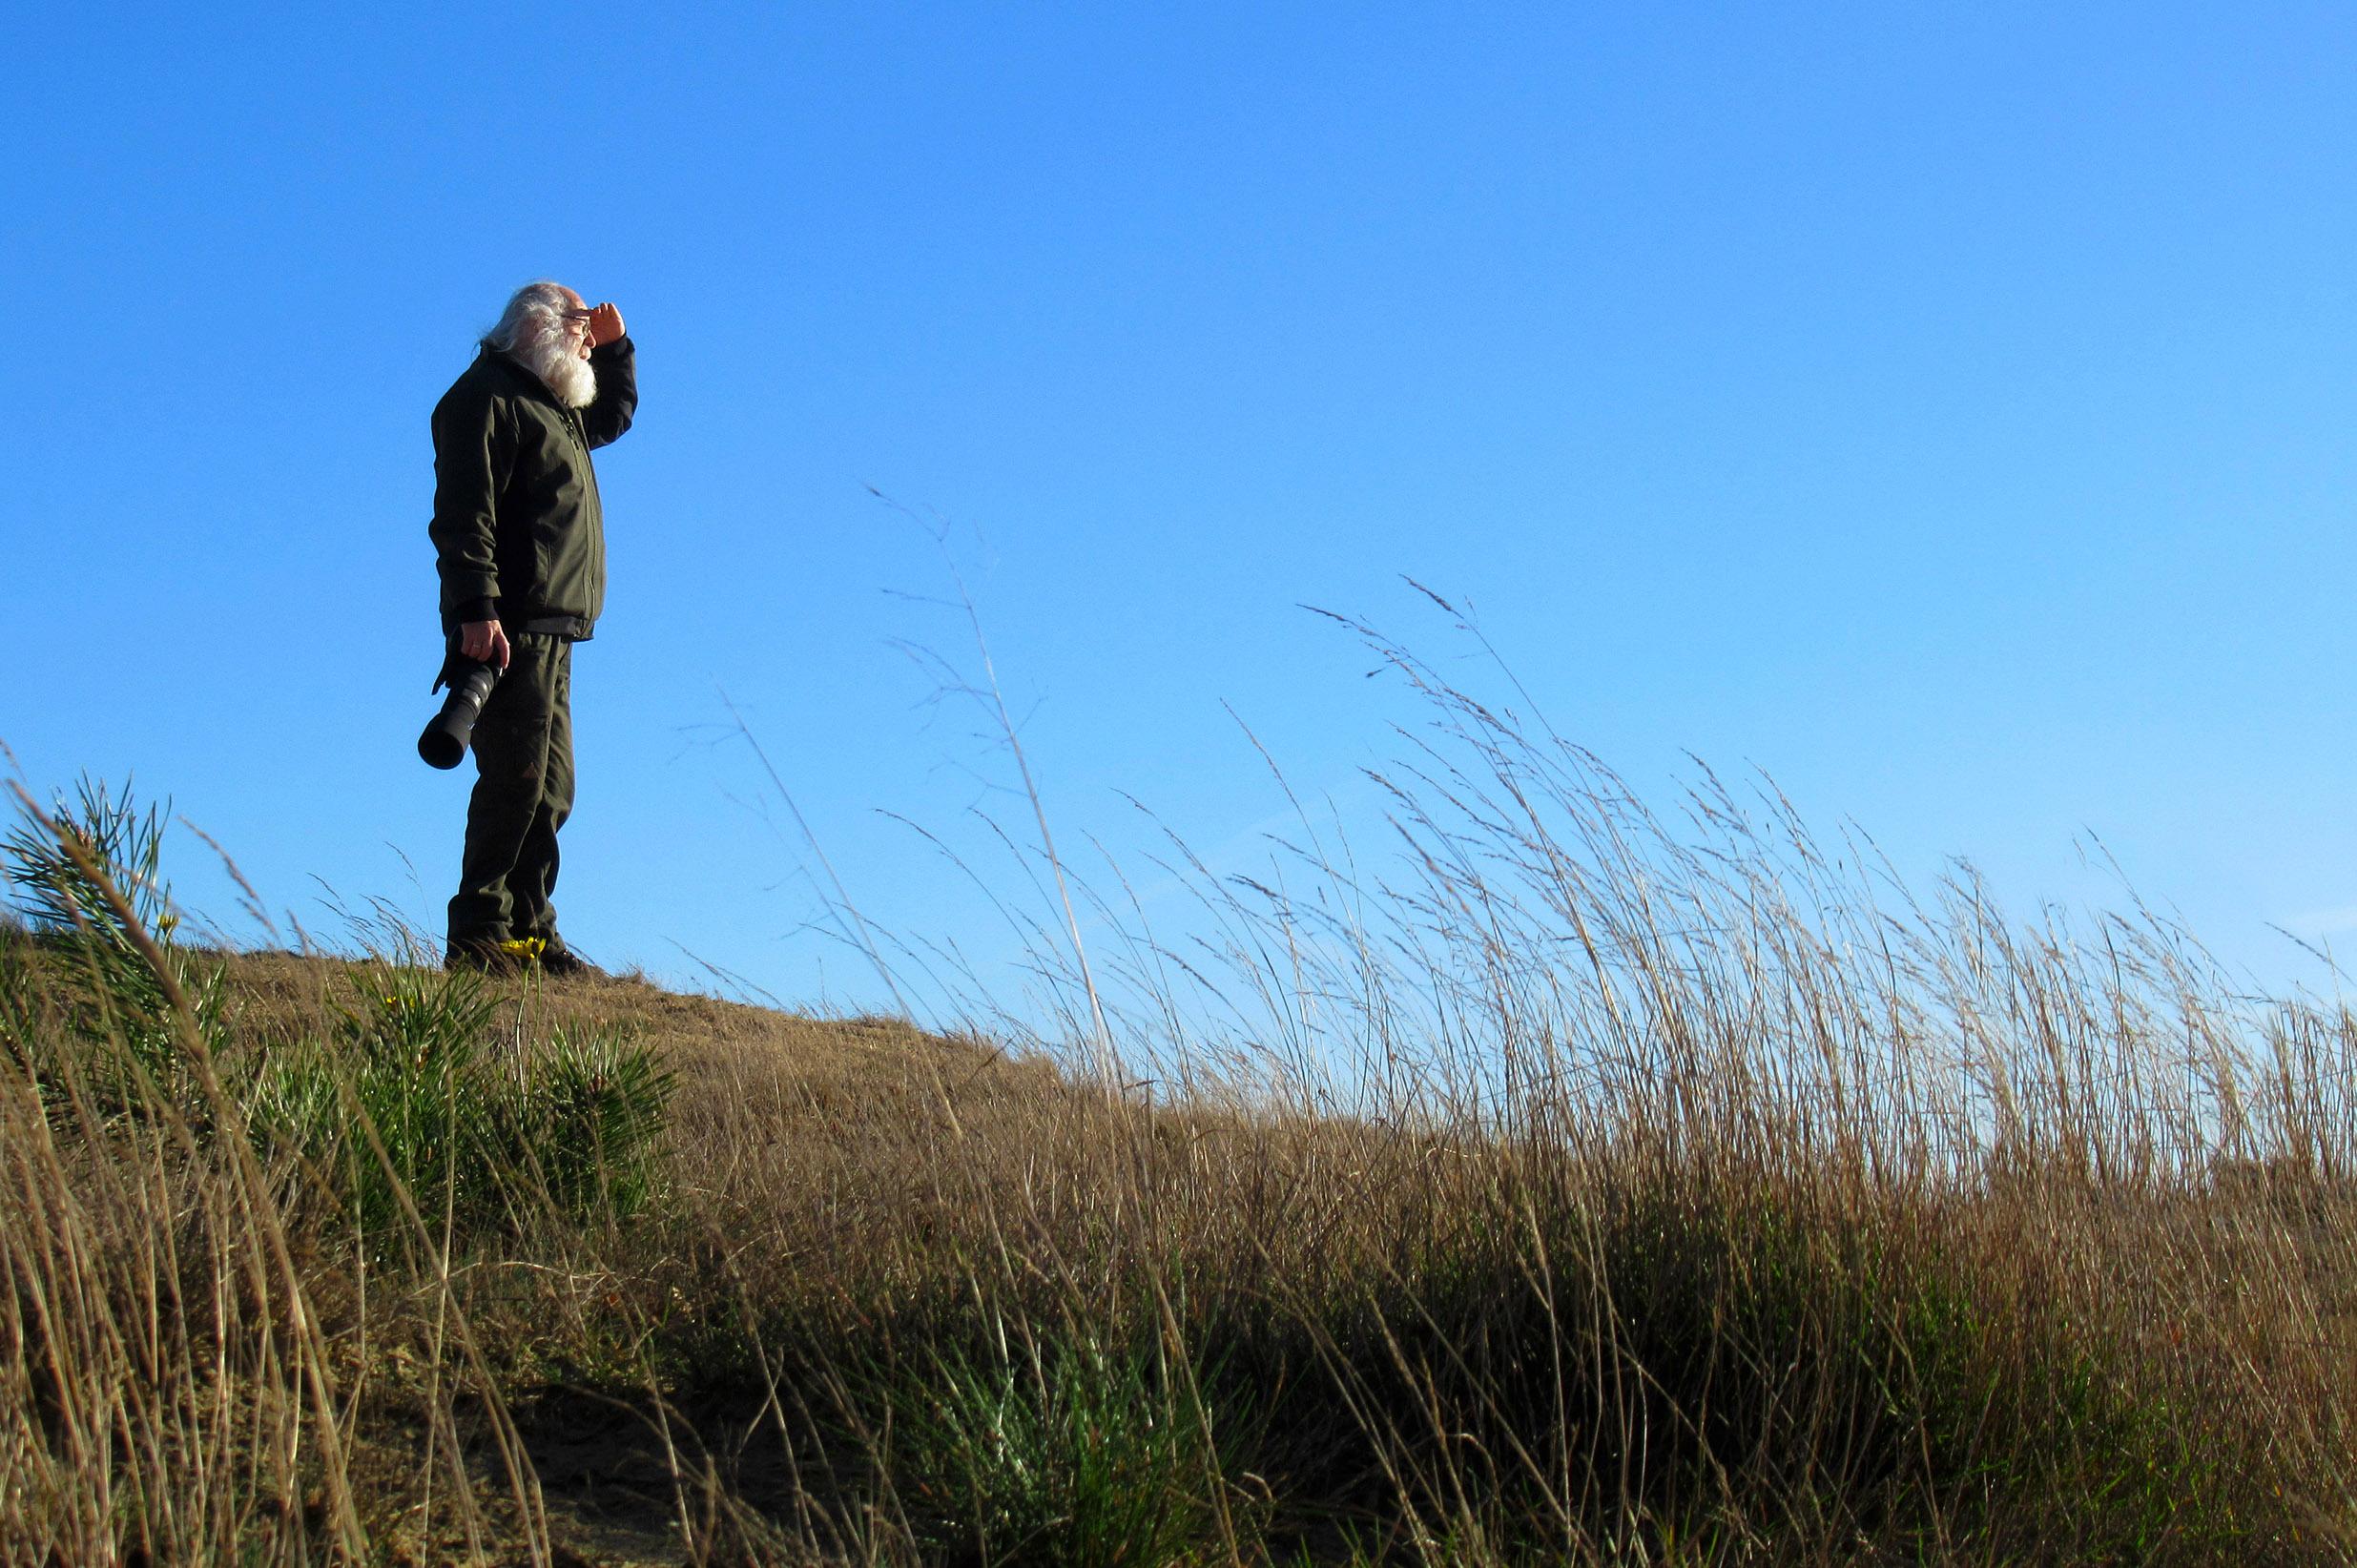 Louis op de uitkijk vanaf een heuvel in het Wekeromse Zand - Foto: ©Fransien Fraanje